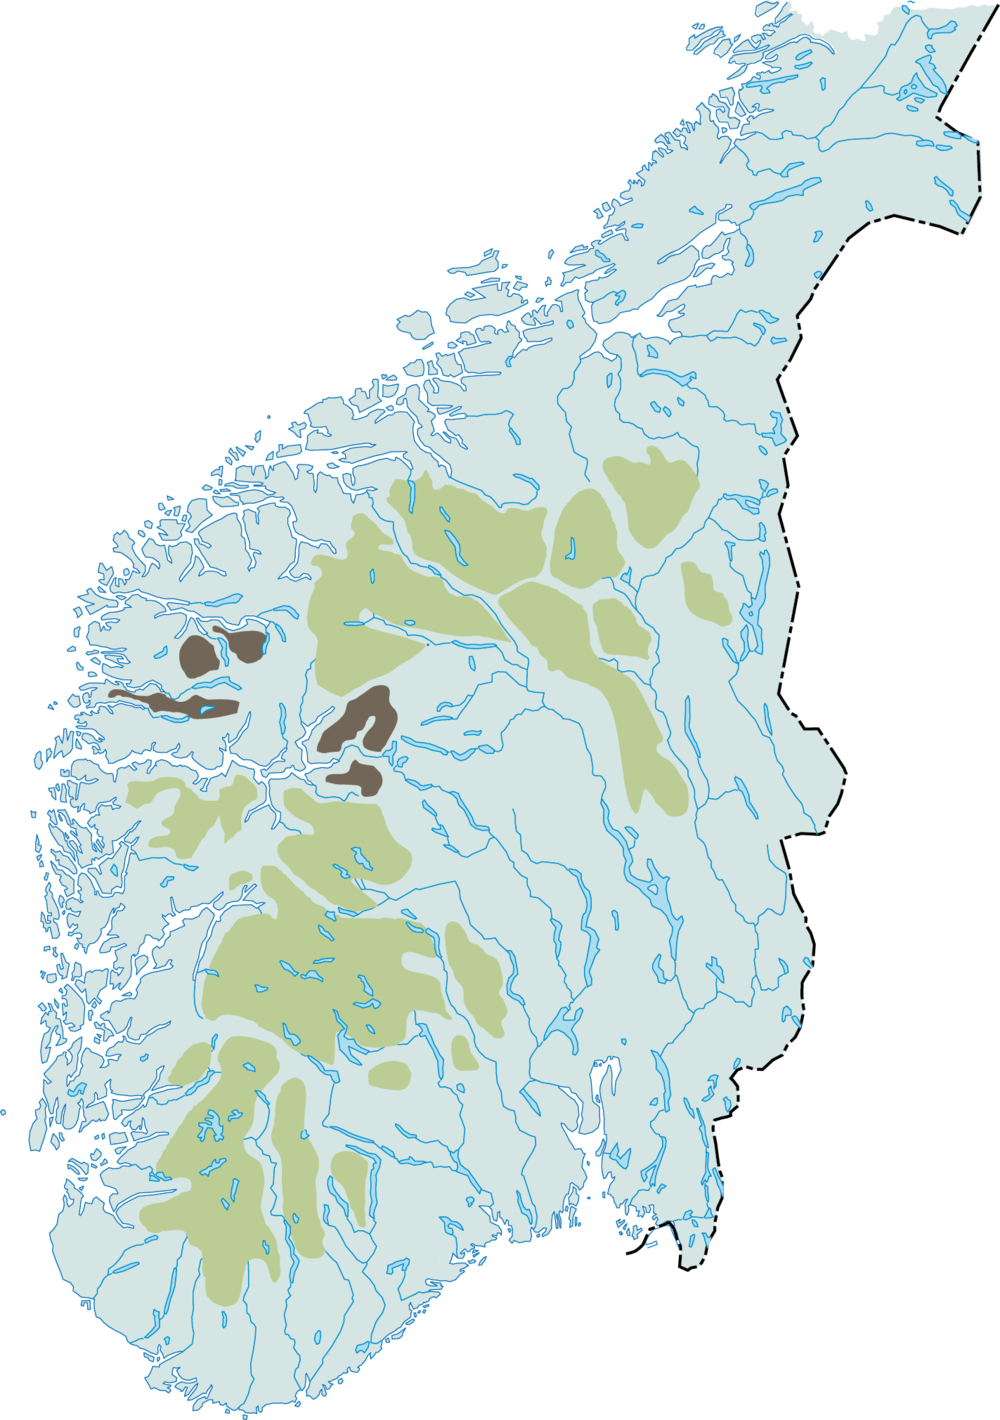 fakta om sogn og fjordane sex kontakt oslo